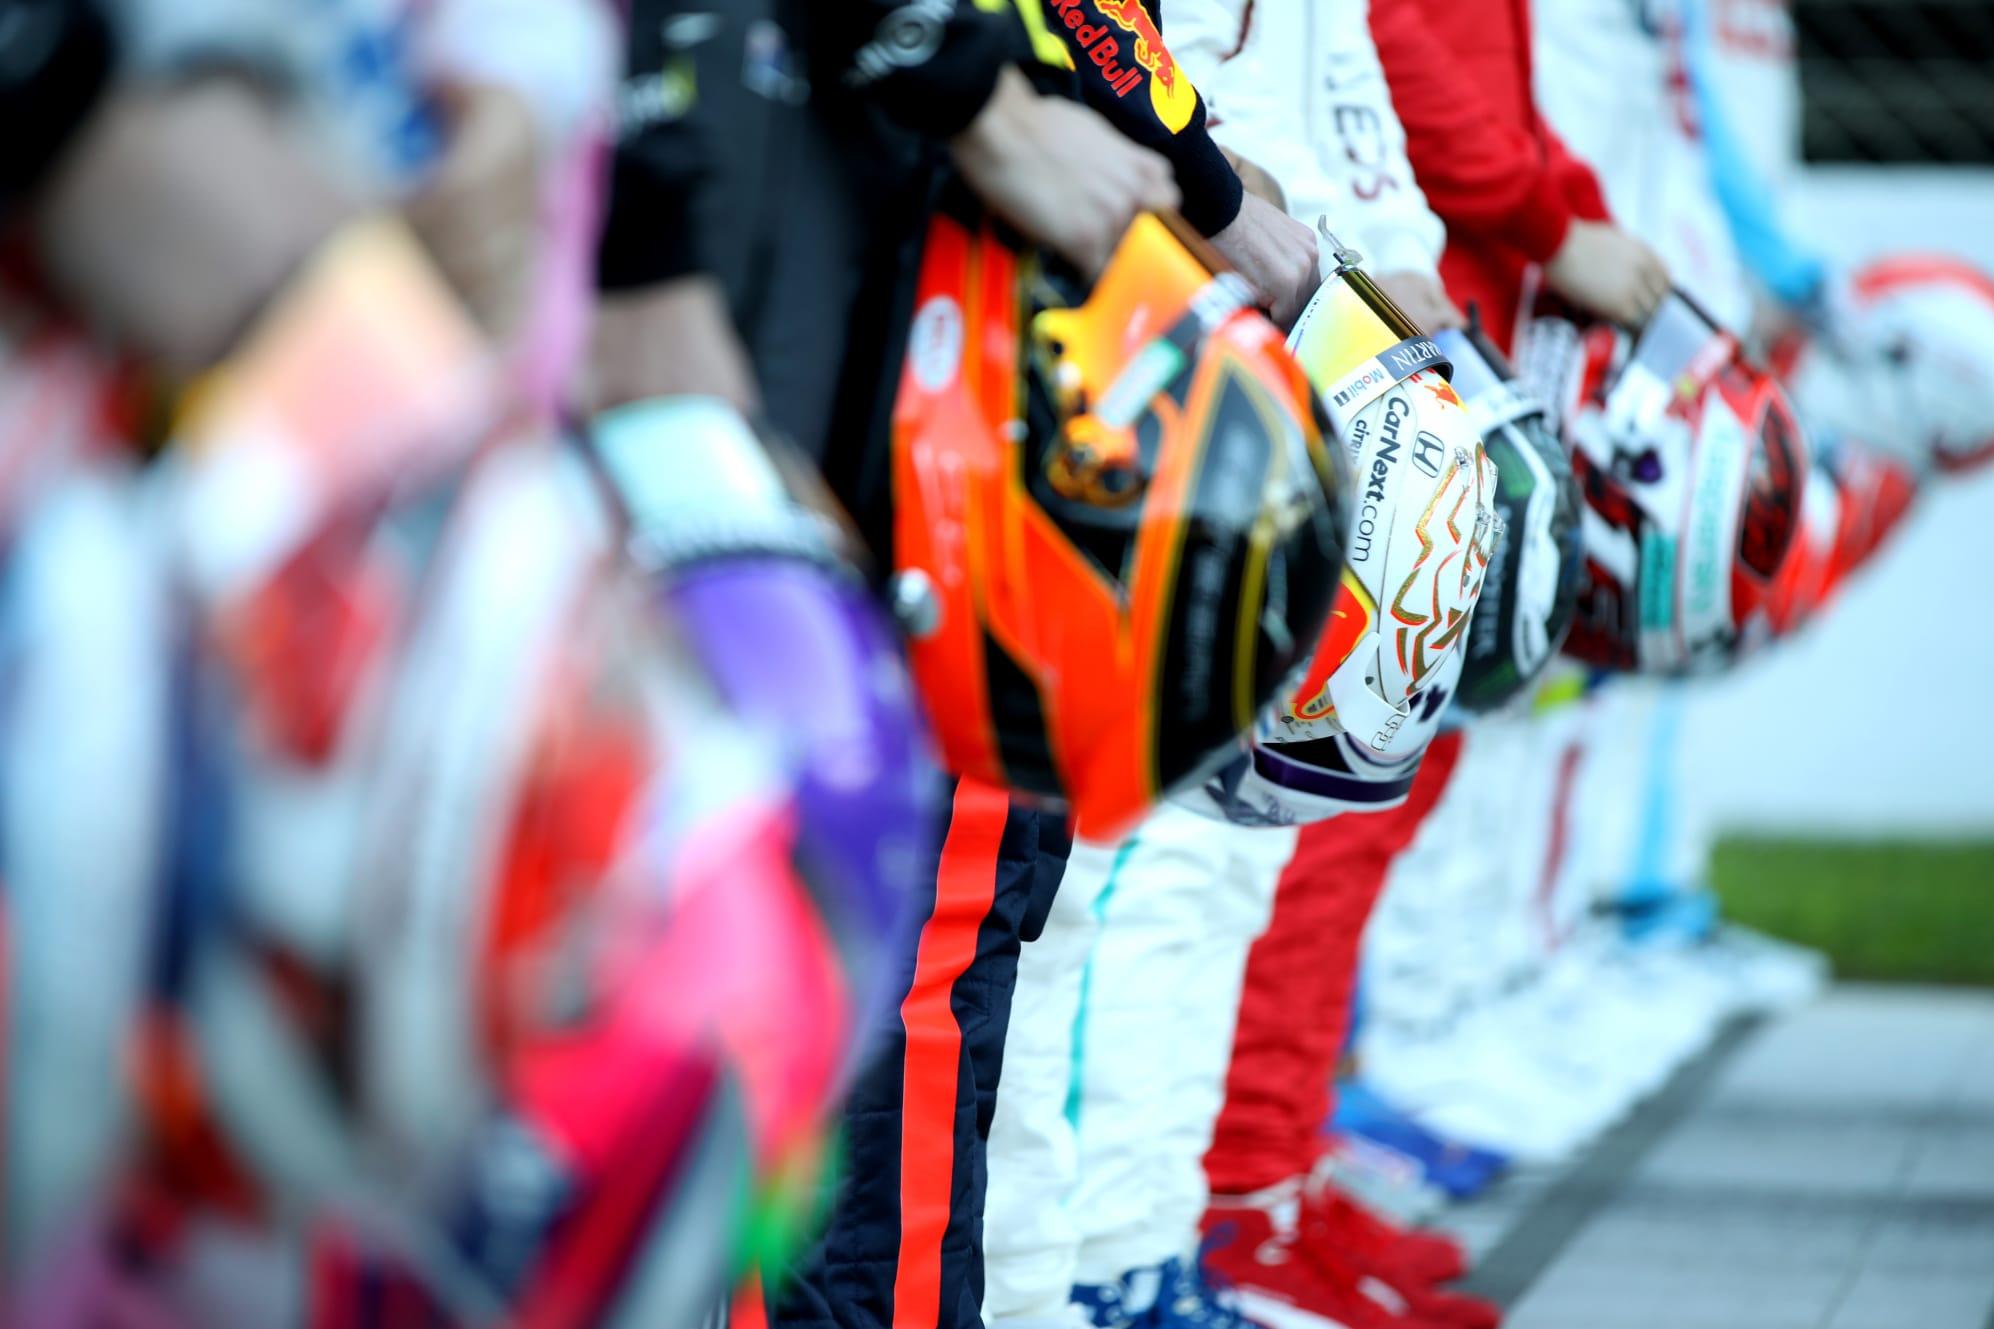 Kierowcy F1 w trakcie przedsezonowych testów, luty 2020, Circuit de Barcelona-Catalunya